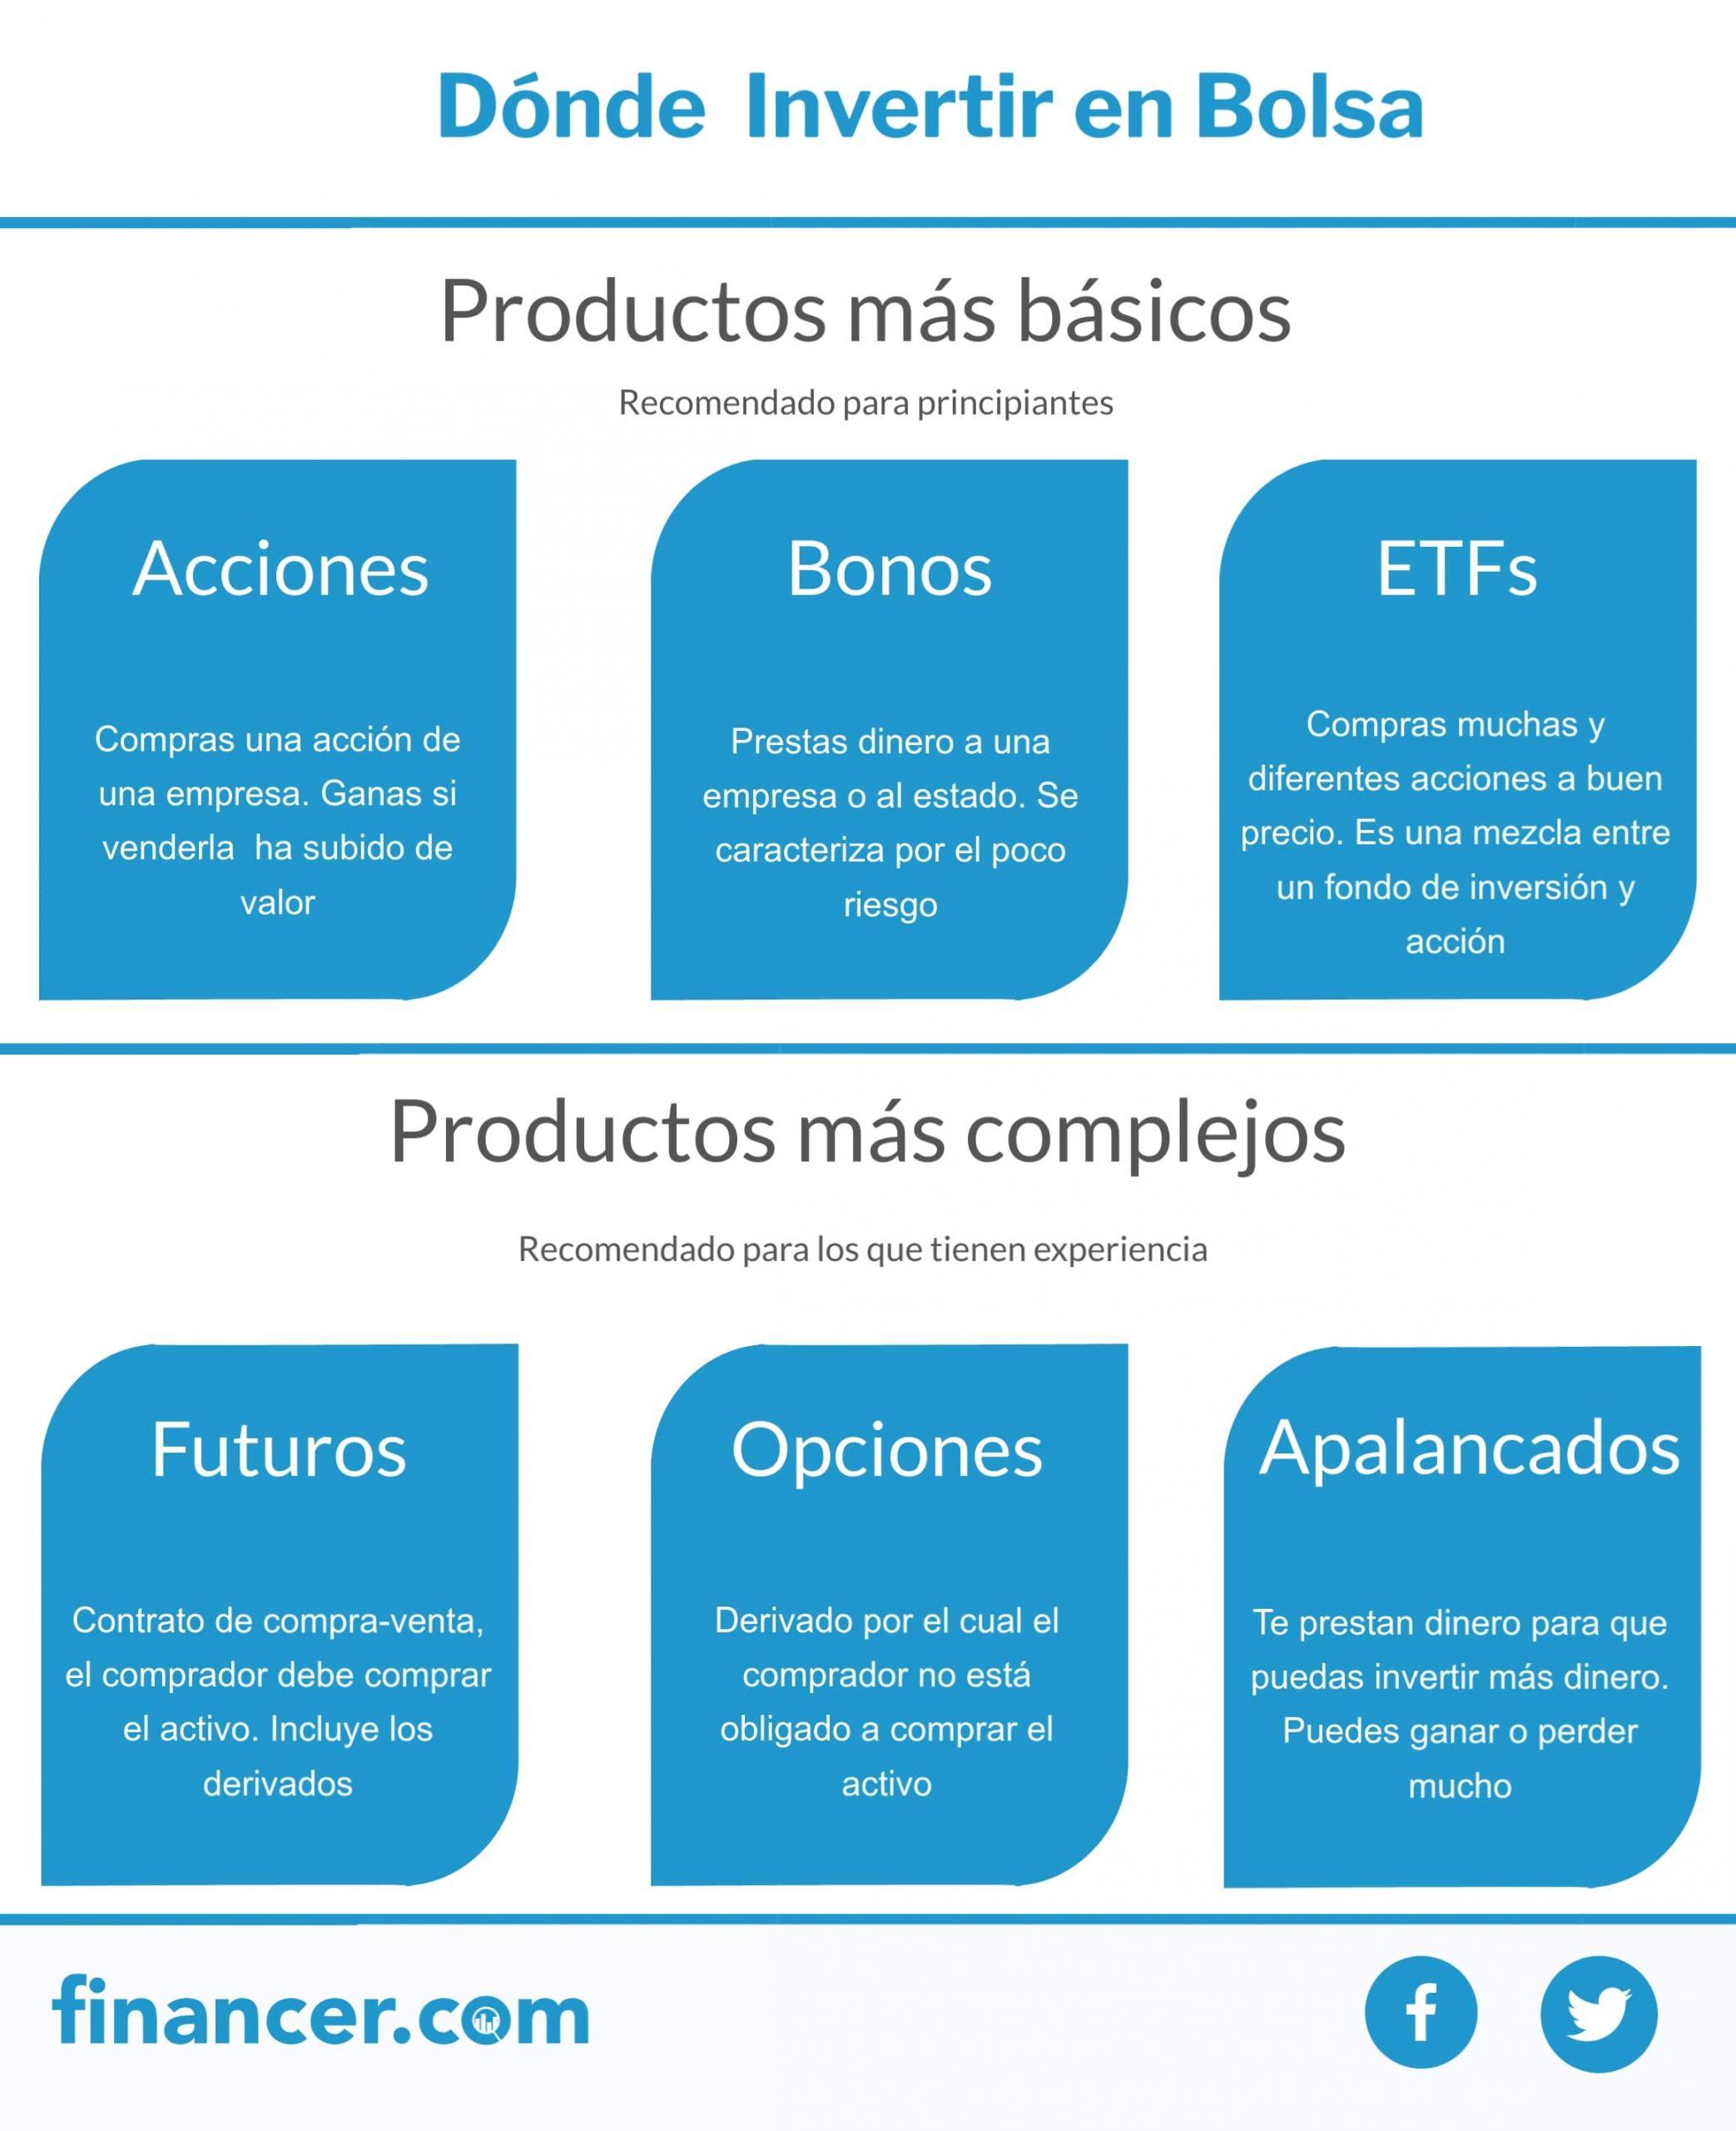 productos financieros para invertir en bolsa